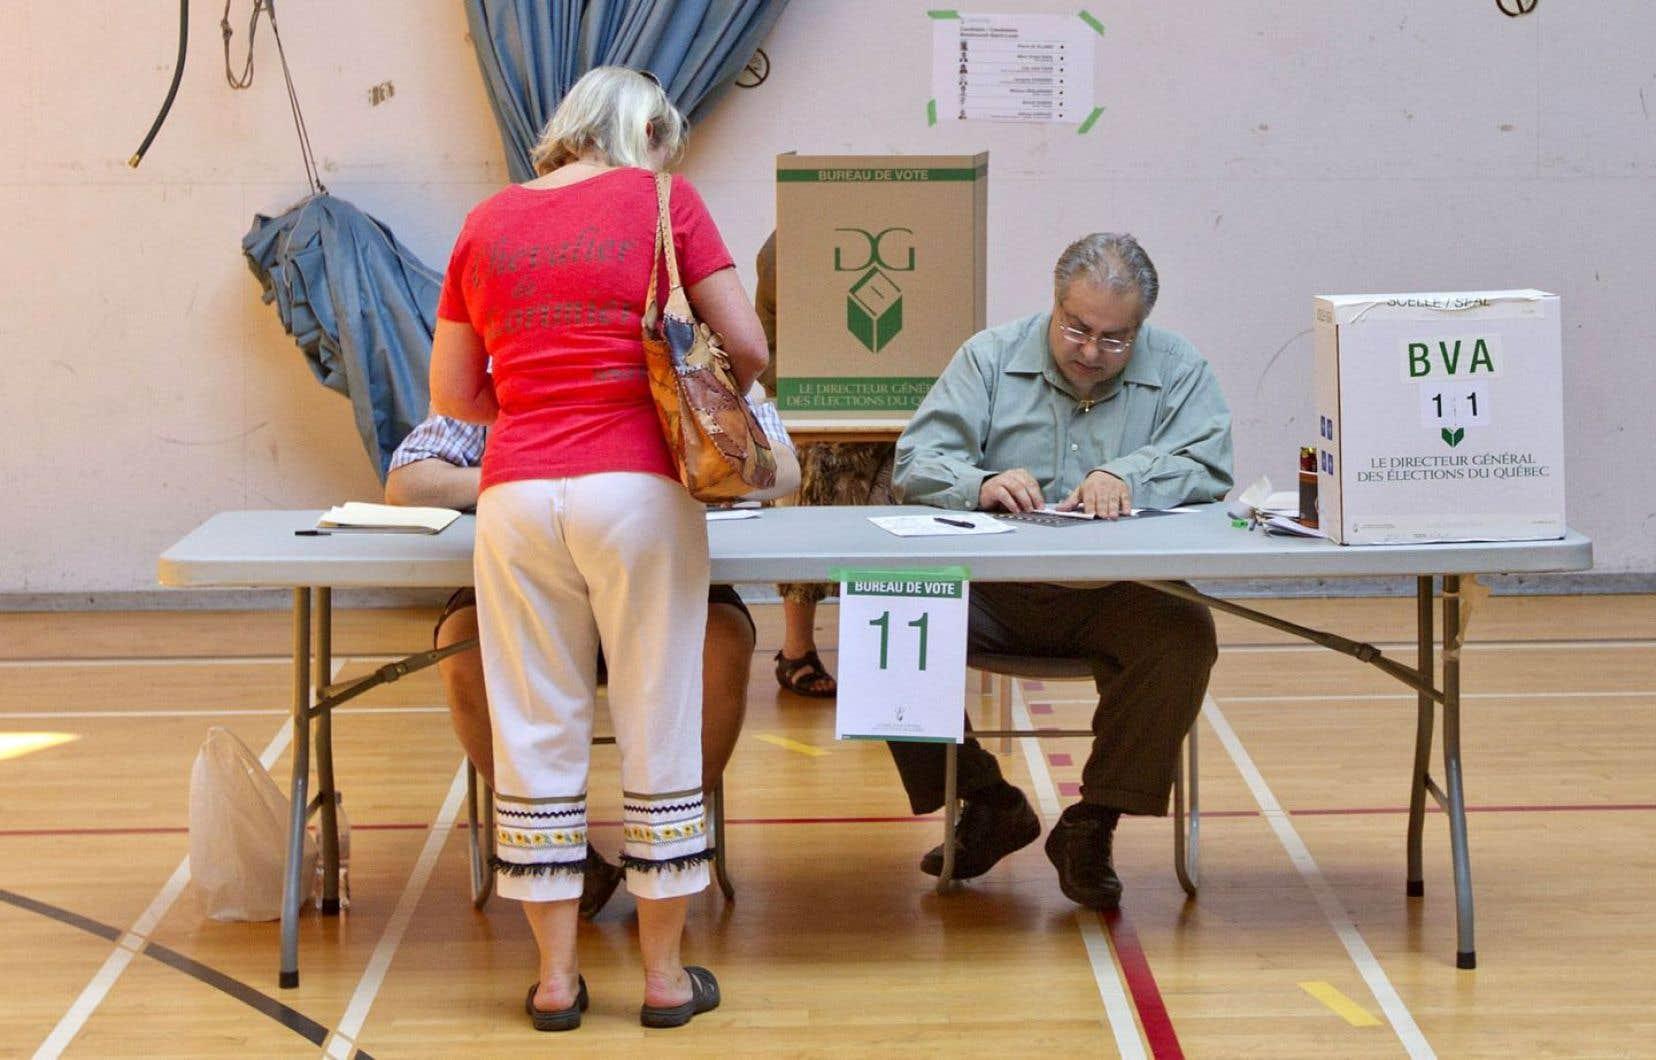 Le mode de scrutin proportionnel mixte compensatoire semblait aller de soi après la présentation sur les différents modes de scrutin.